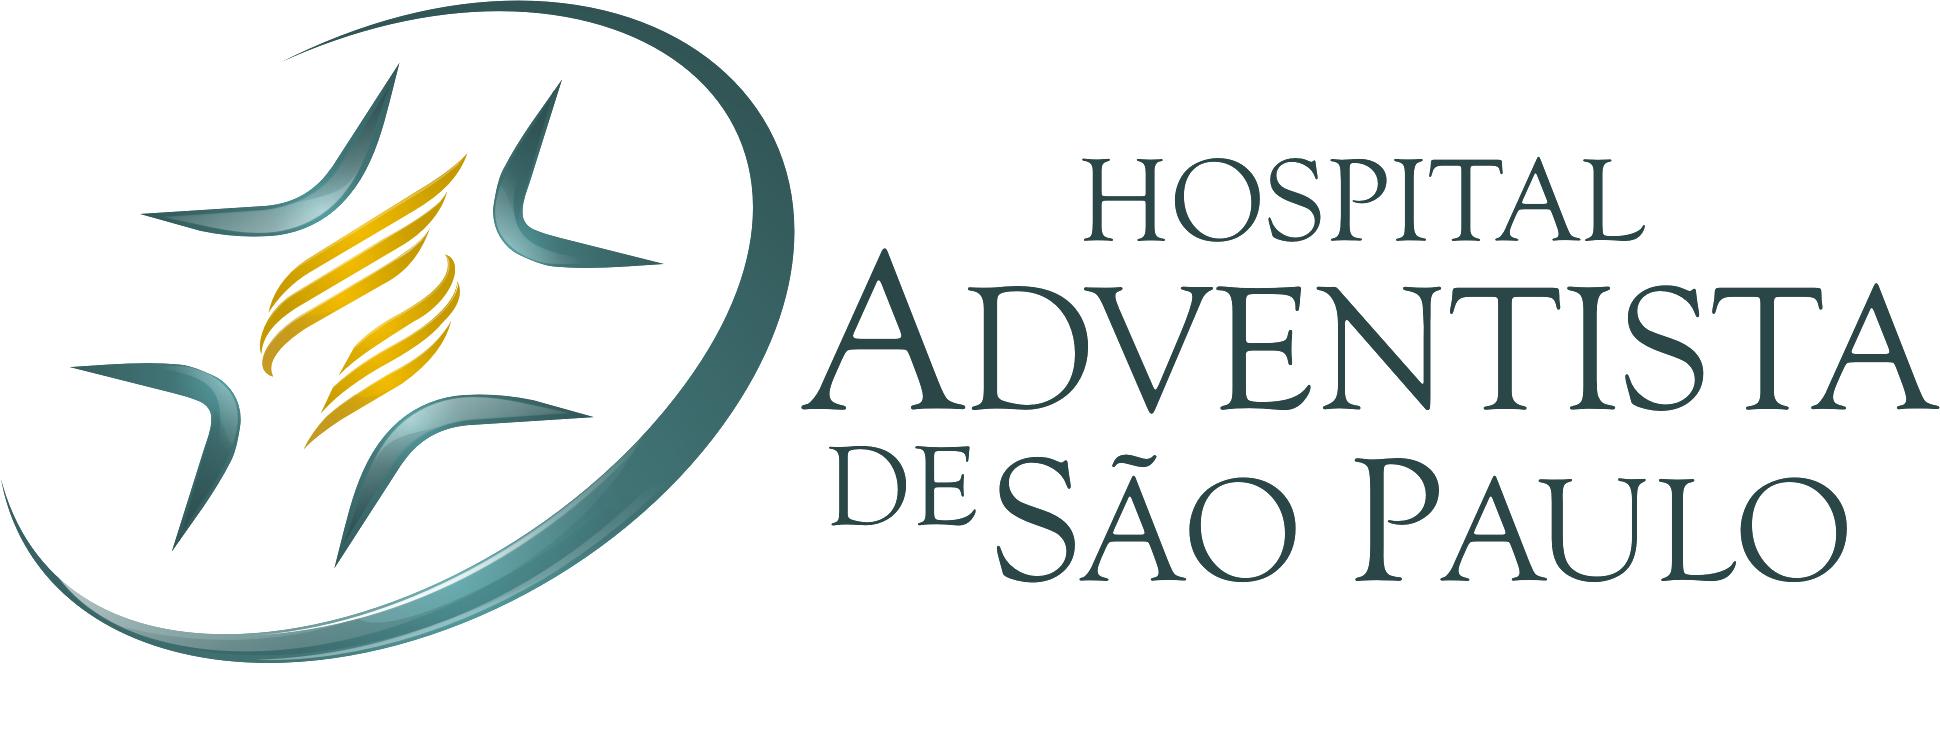 Logotipo Hospital Adventista de São Paulo